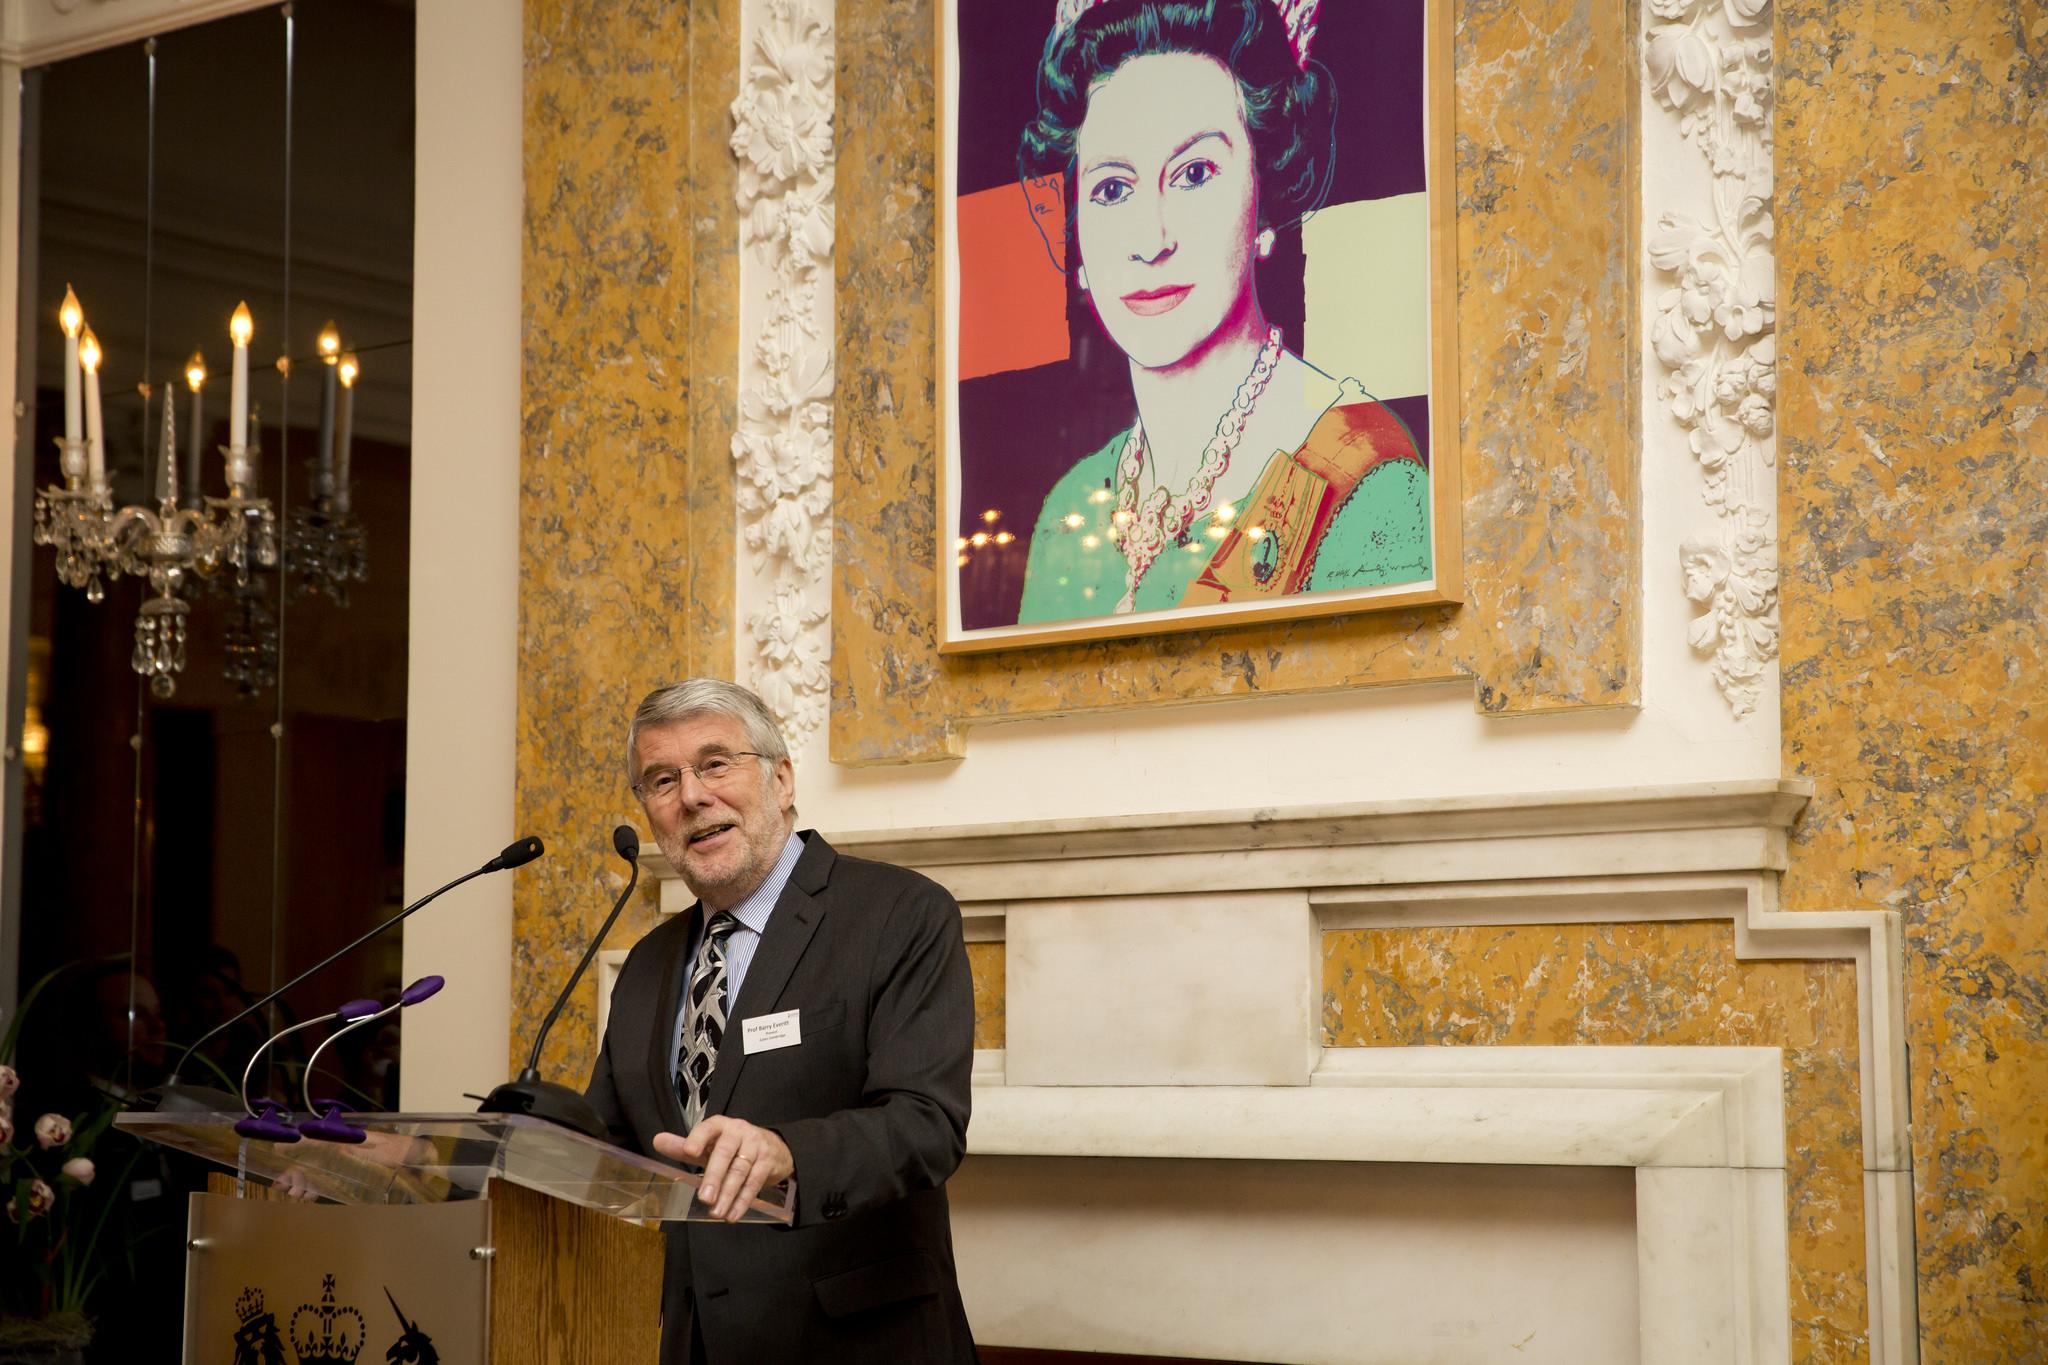 Provost wins top Royal Society award